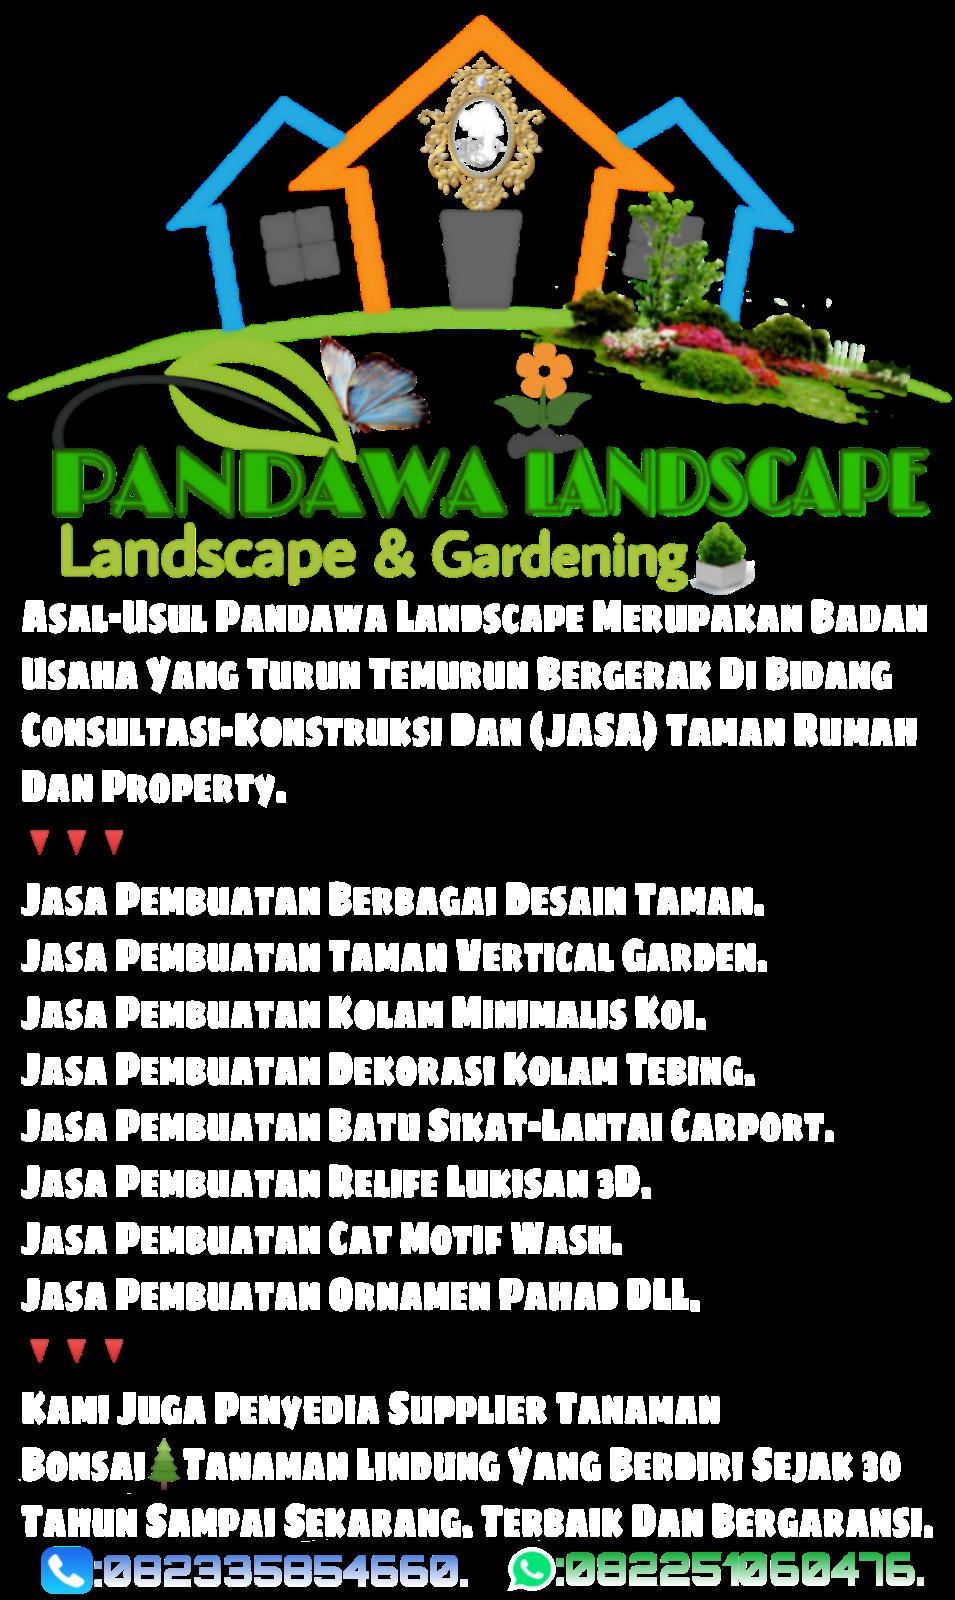 Pandawa Landscape